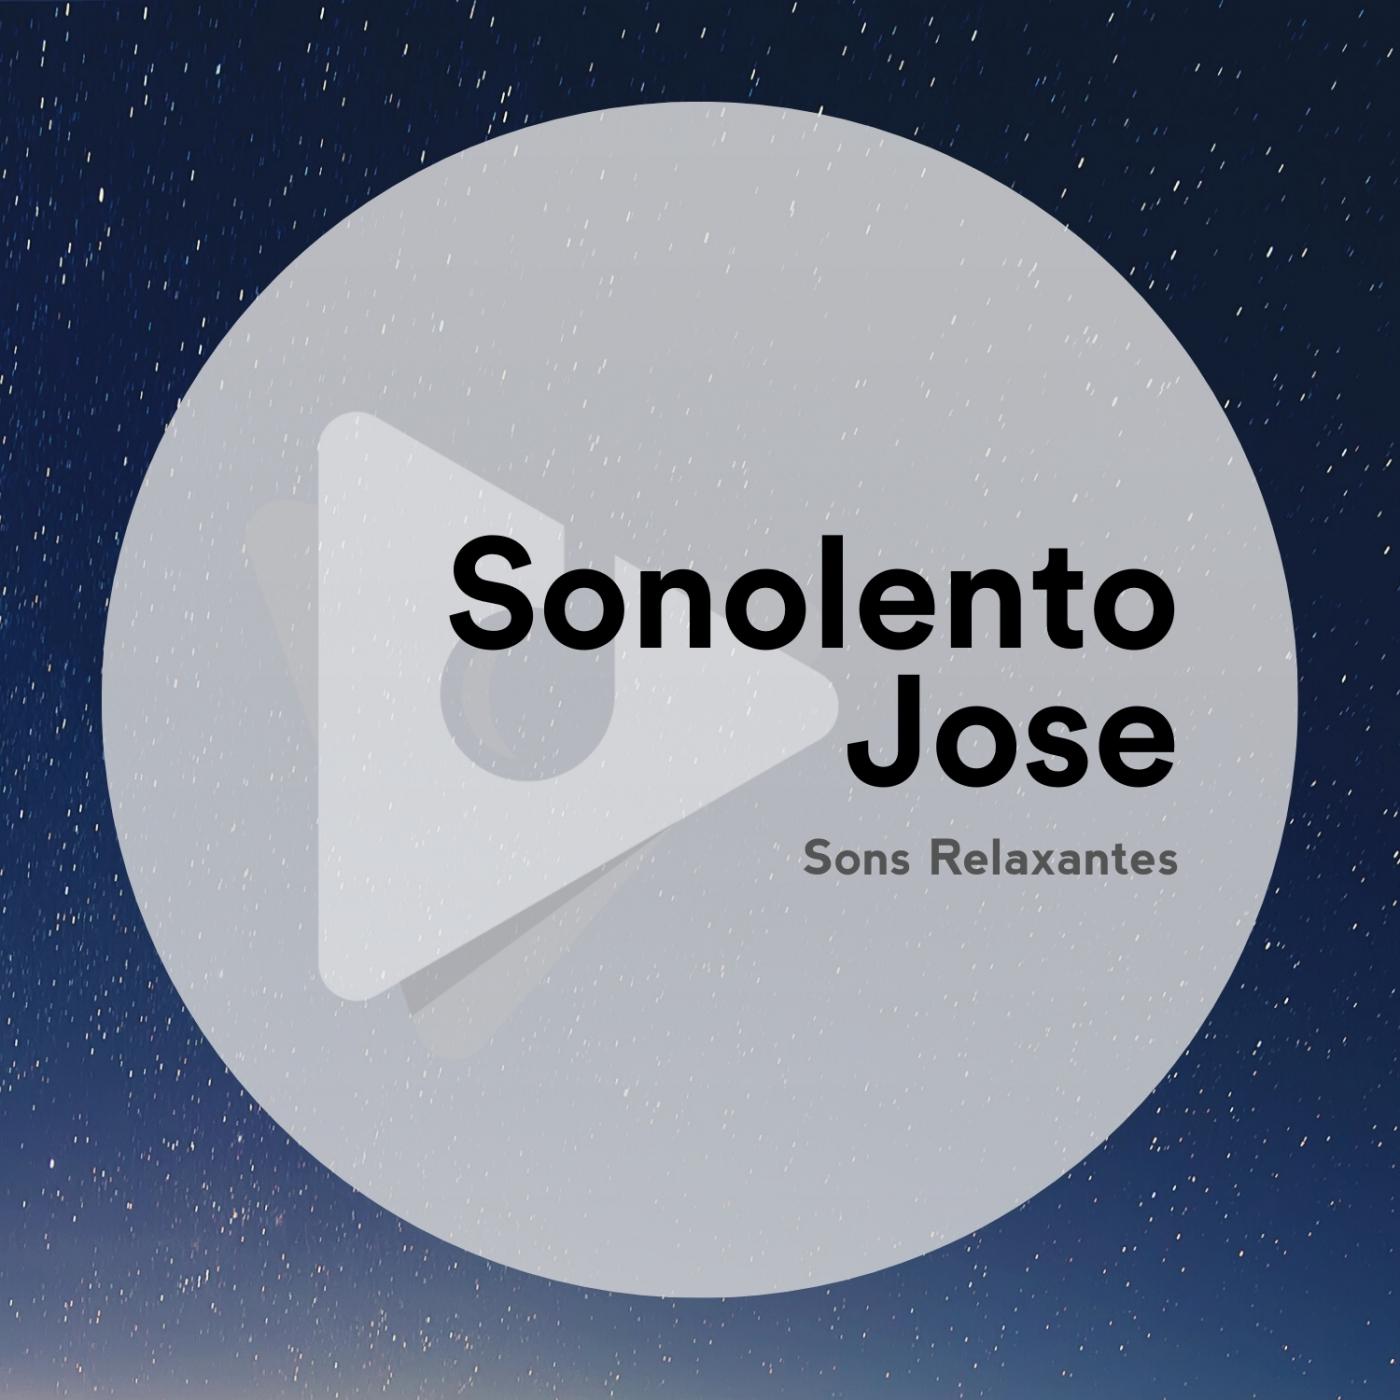 Sonolento Jose